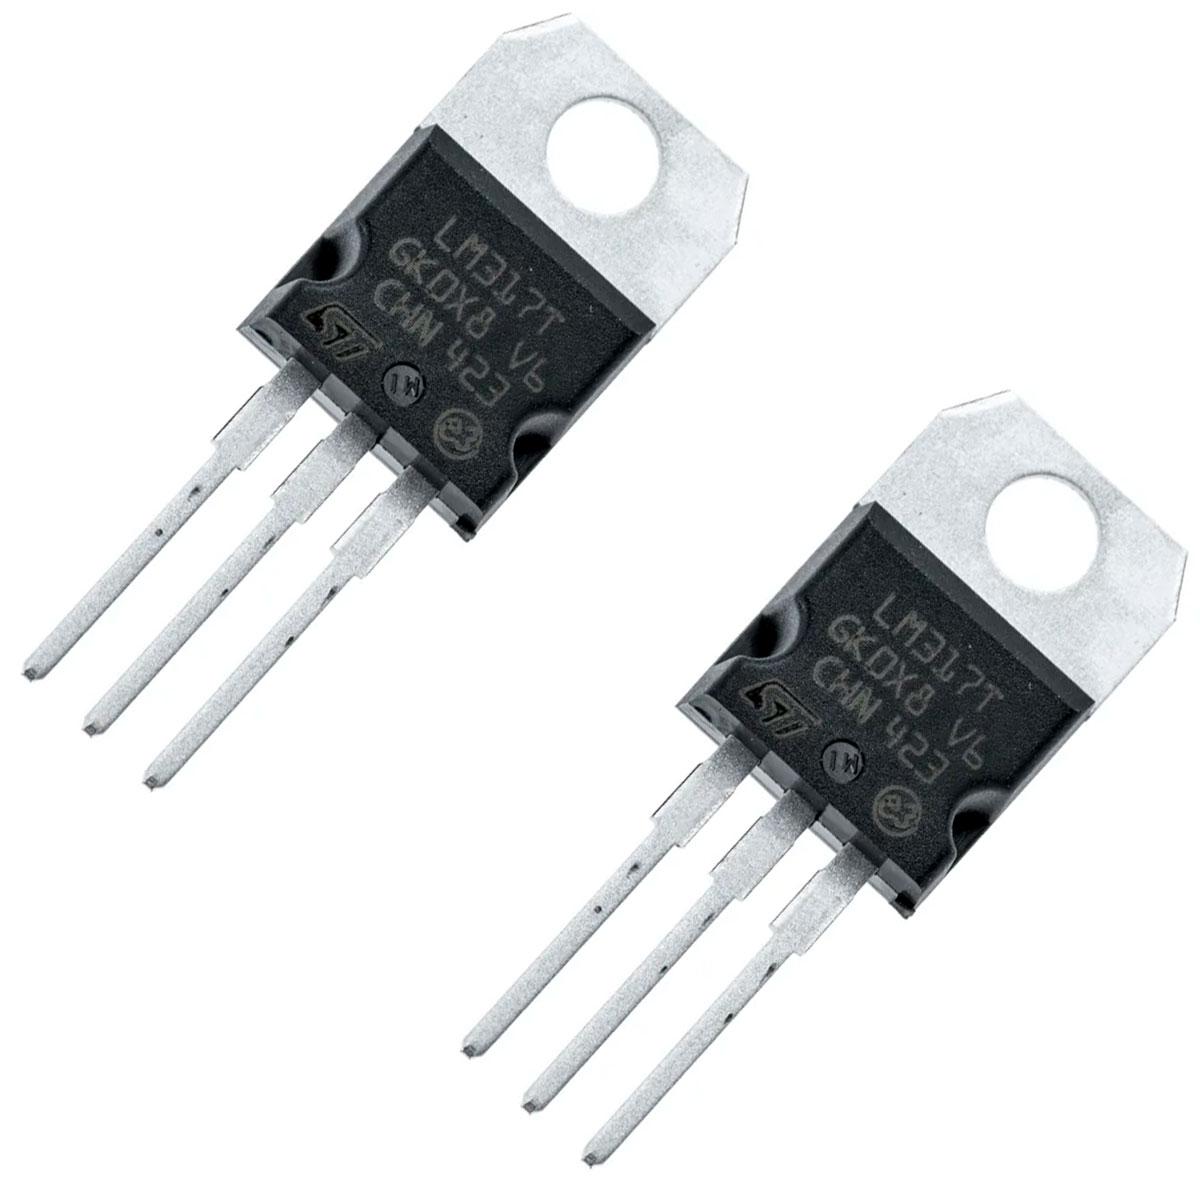 2x Regulador de Tensão LM317T 1,2 V a 37 V - 1,5 A